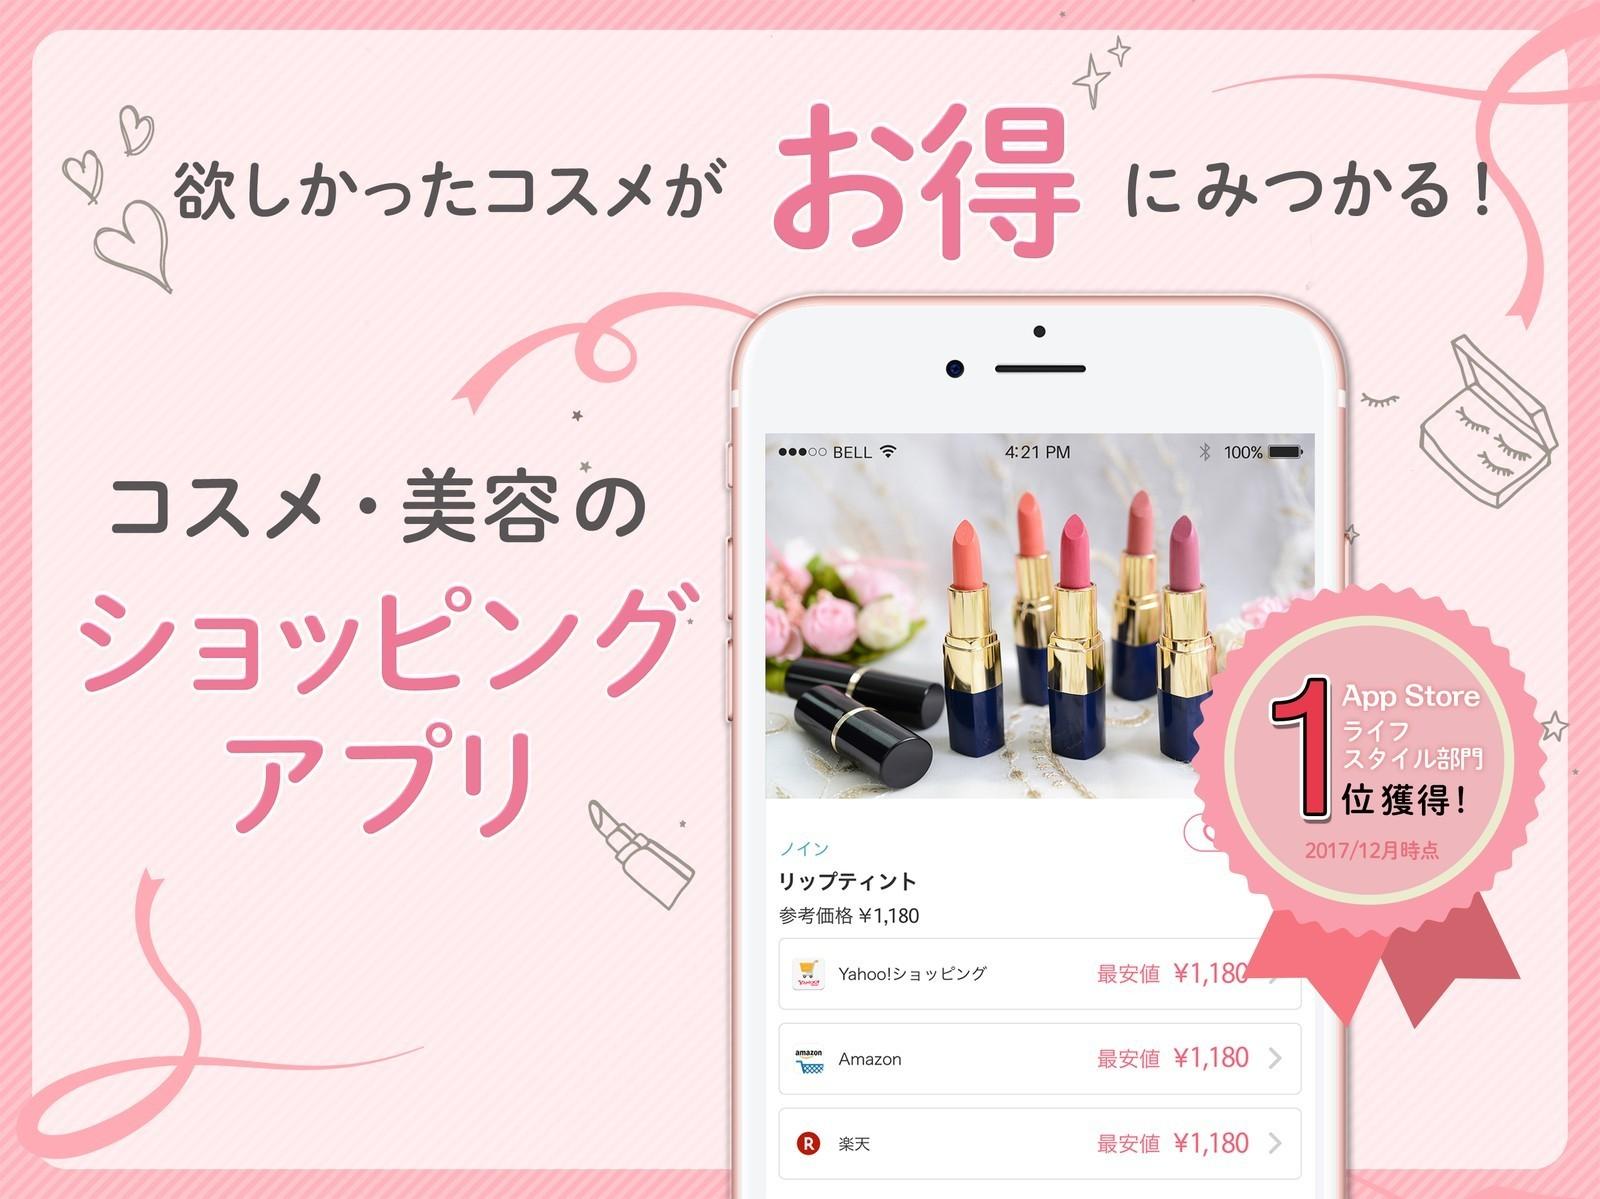 【シリーズA3億円調達】化粧品×動画コマースアプリを一緒に創るバックエンドエンジニアを募集!